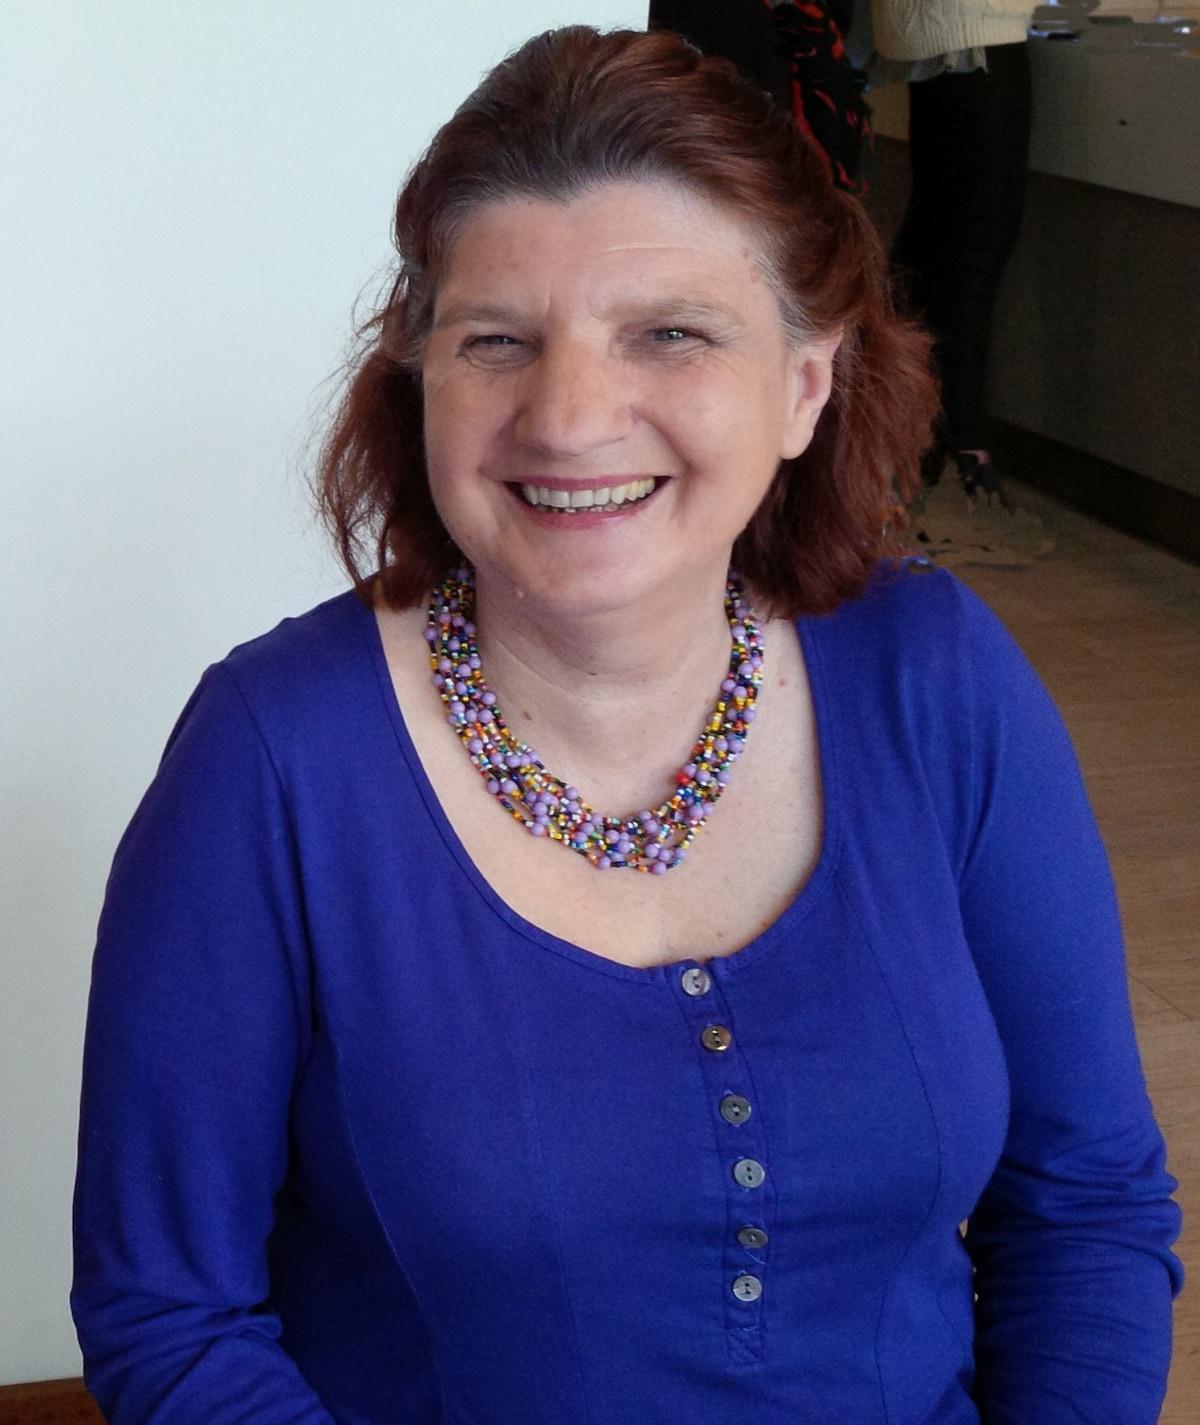 Yvonne from West Launceston